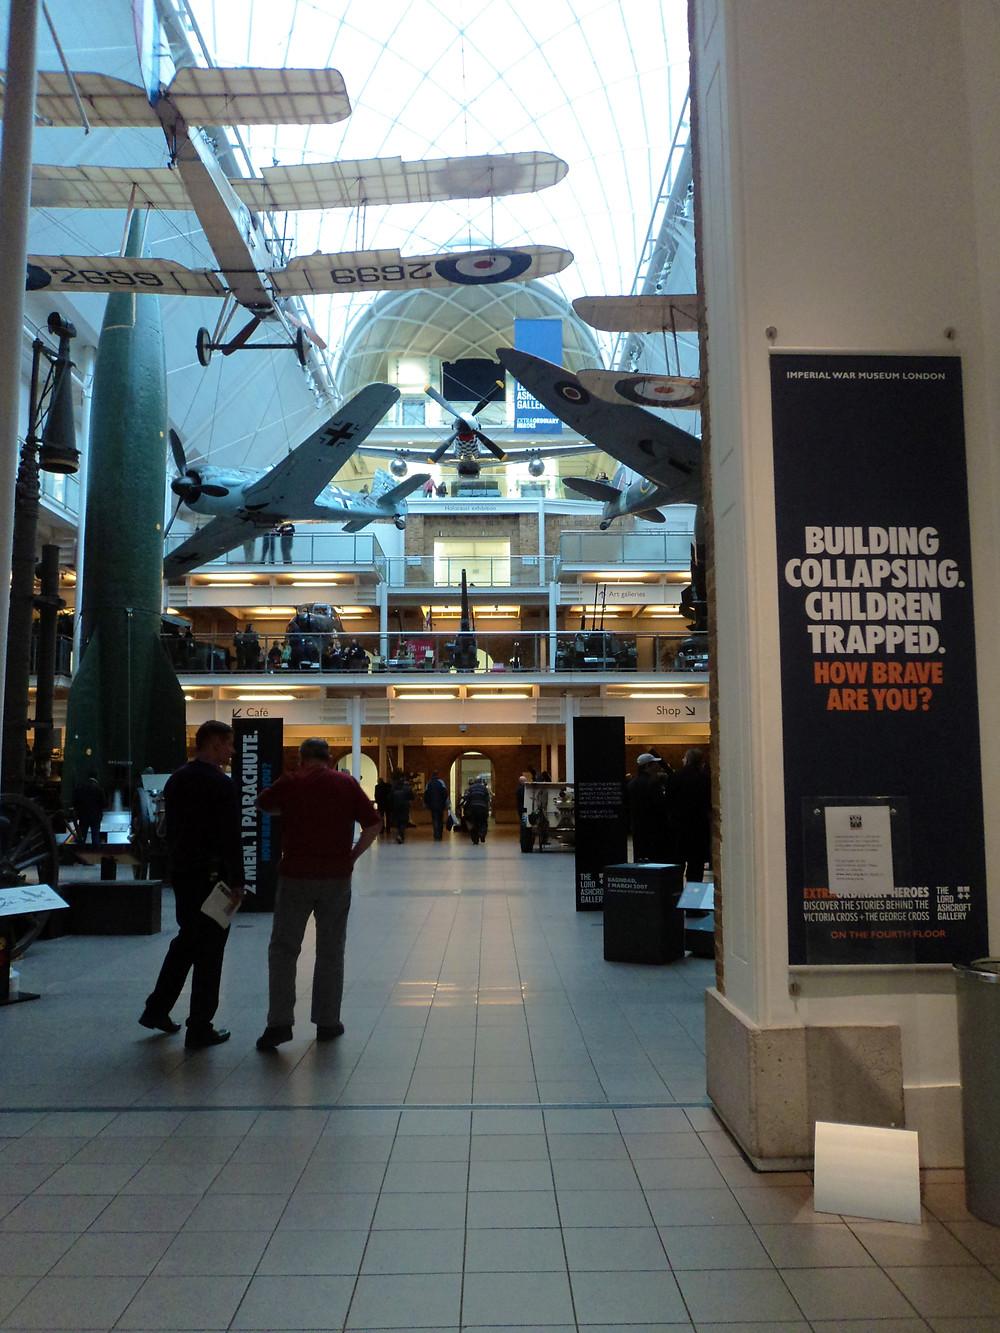 Exposição Imperial War Museum